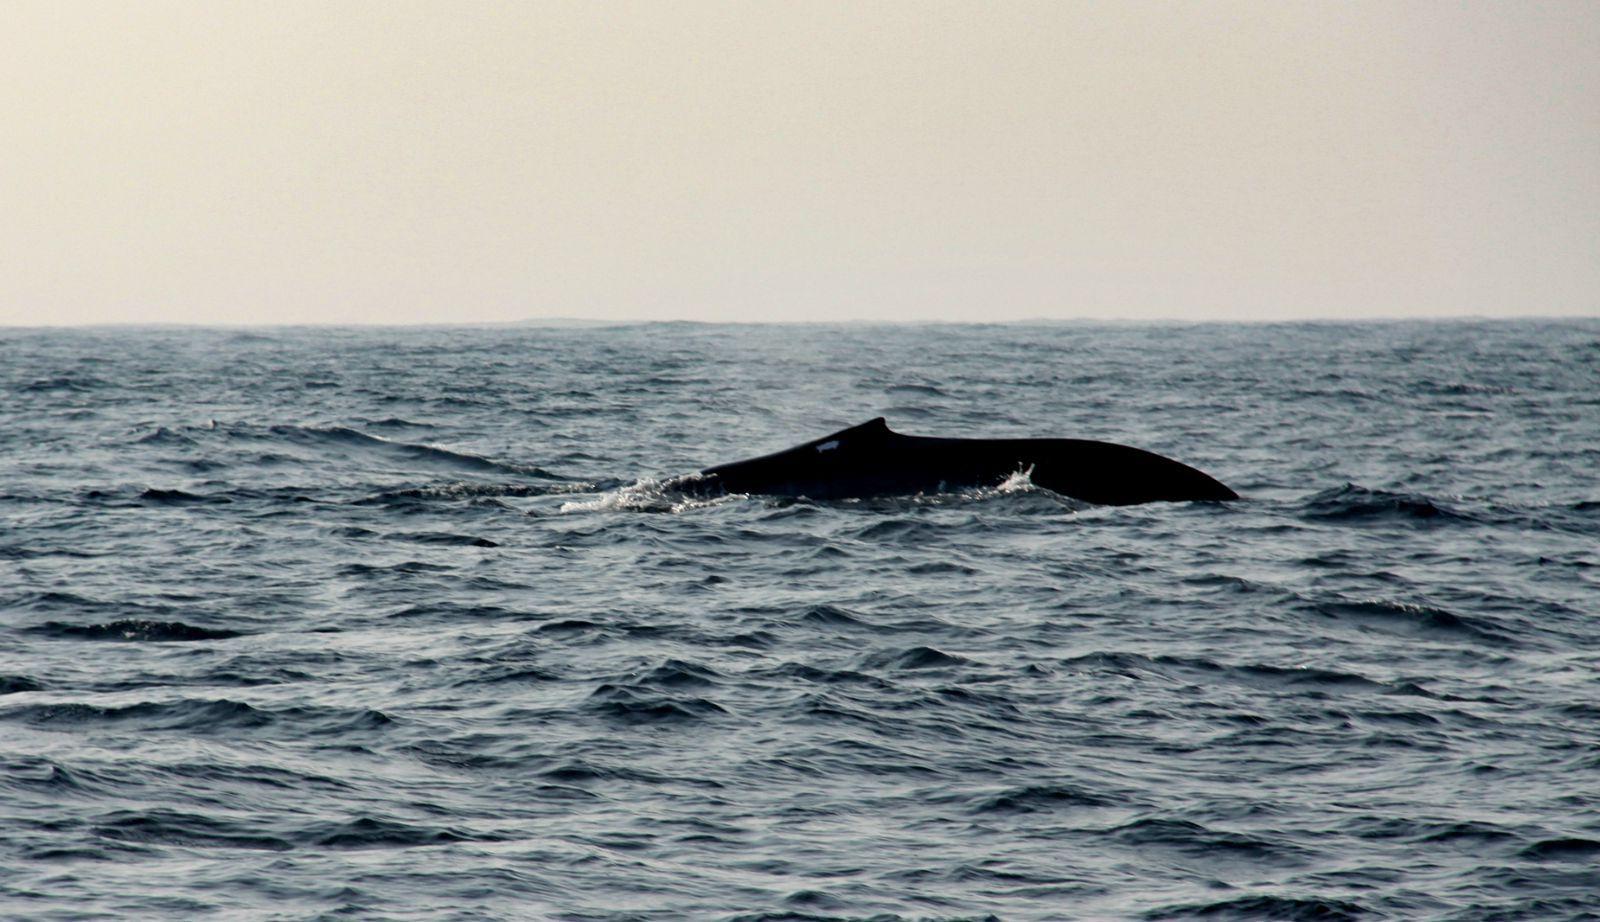 半个鲸鱼简笔画